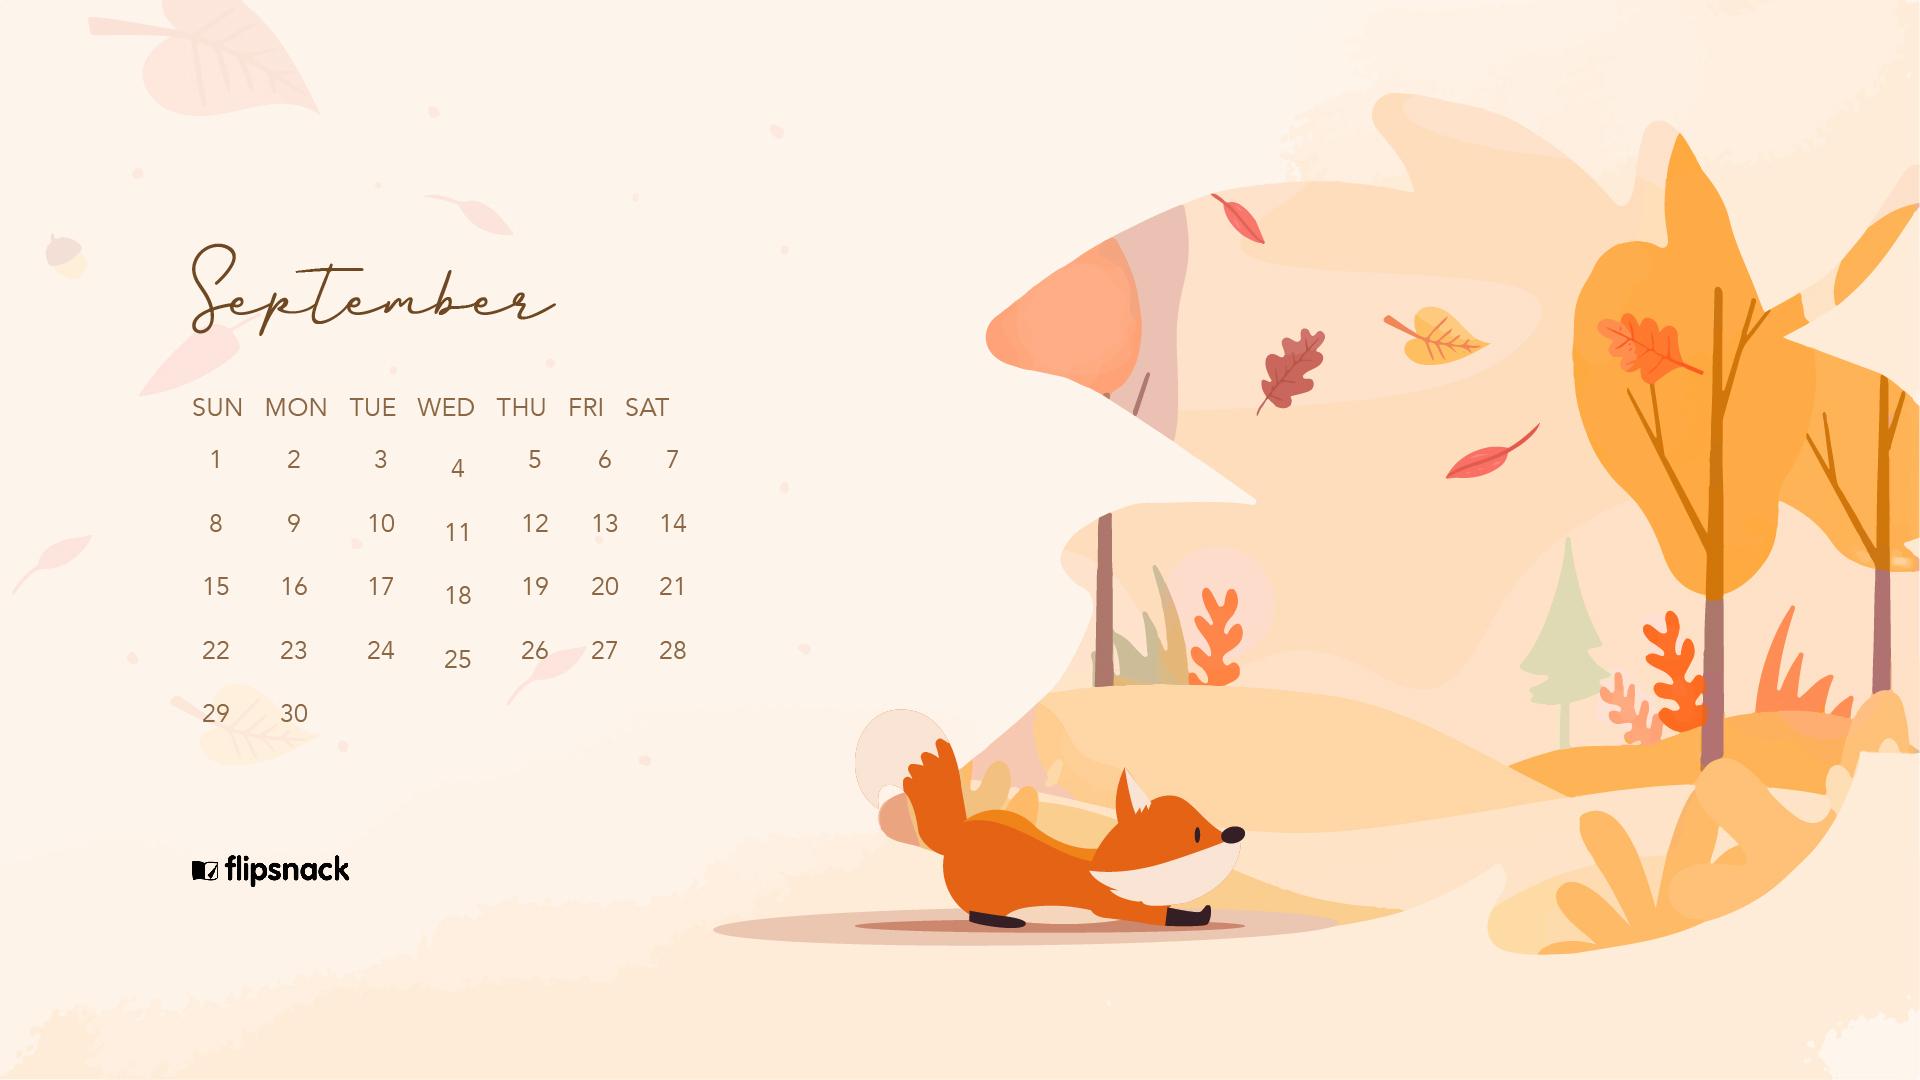 September 2019 wallpaper calendars   Flipsnack Blog 1920x1080